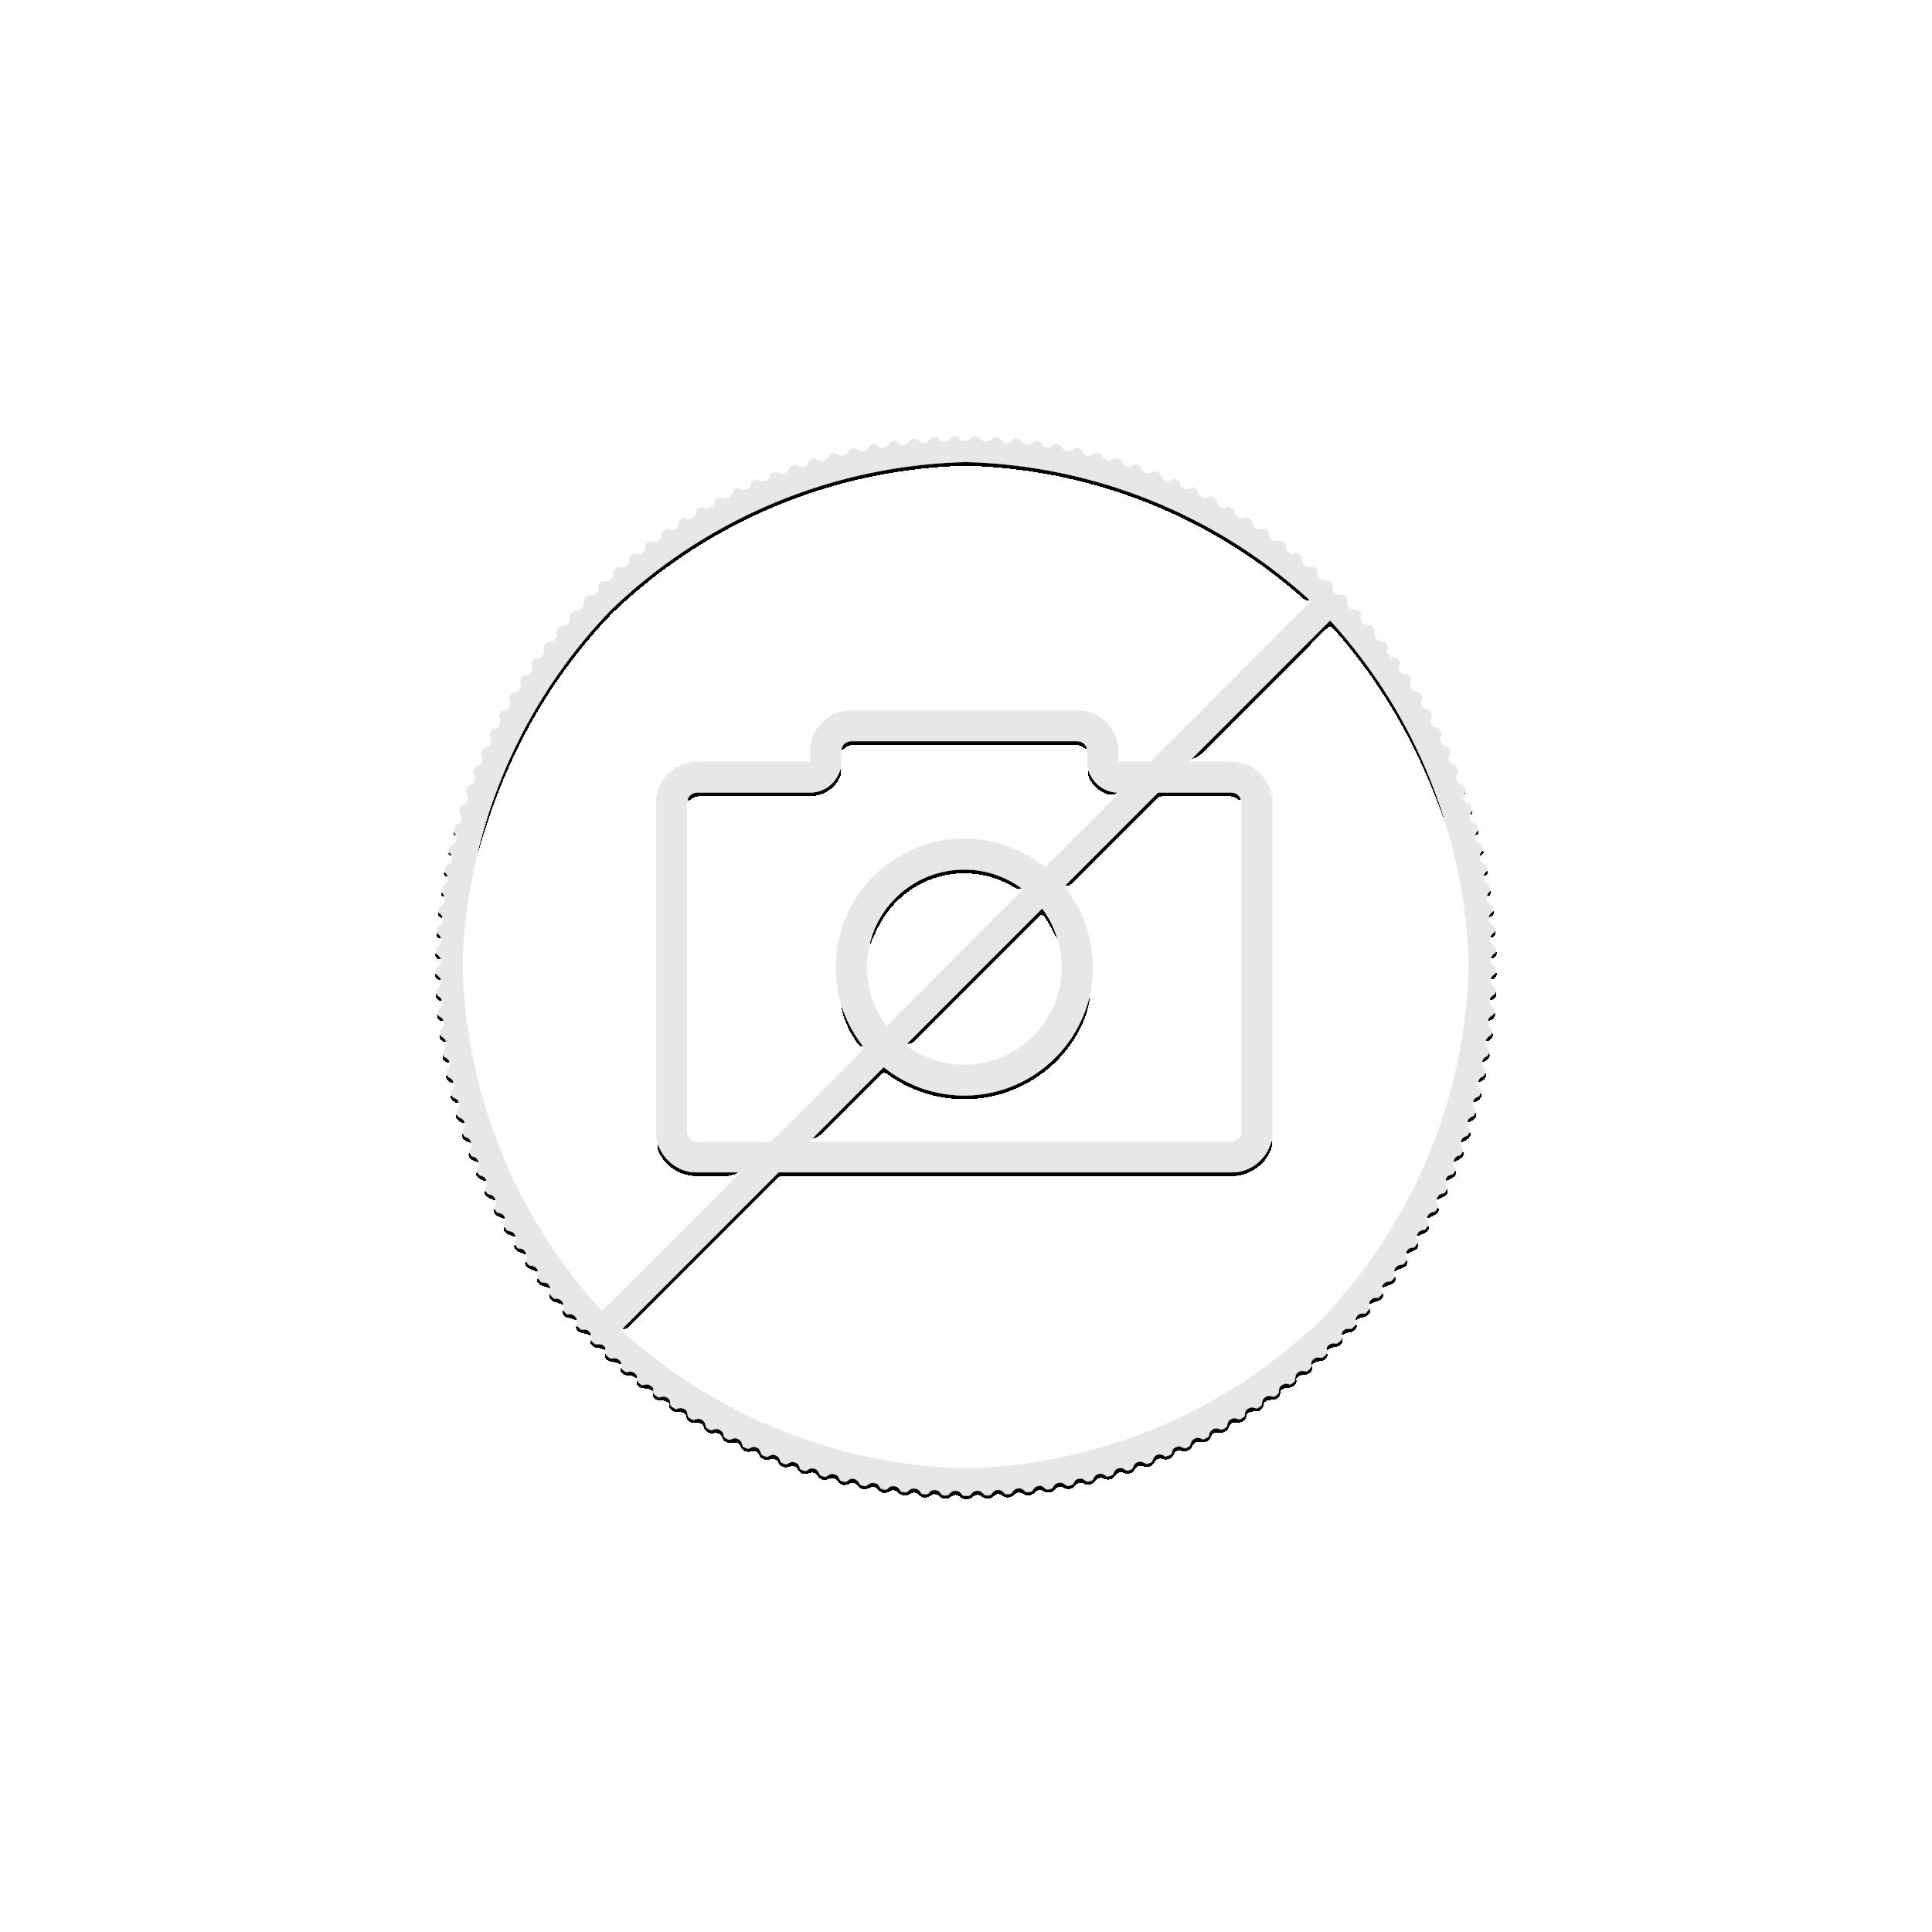 1/4 troy ounce gold coin Lunar 2021